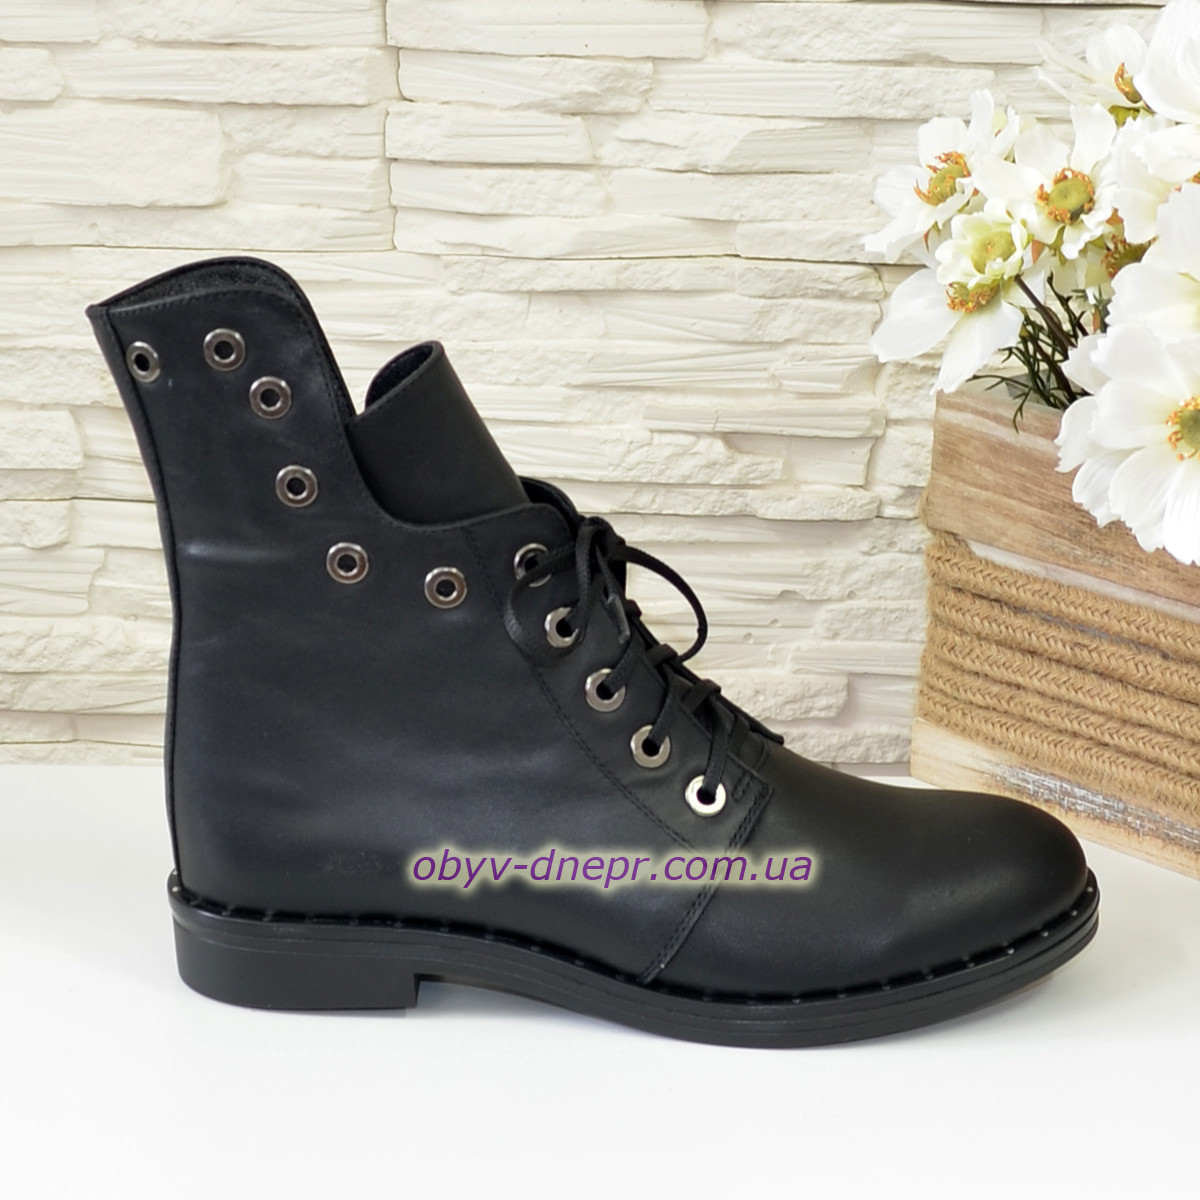 Стильные женские демисезонные ботинки на низком ходу, натуральная кожа